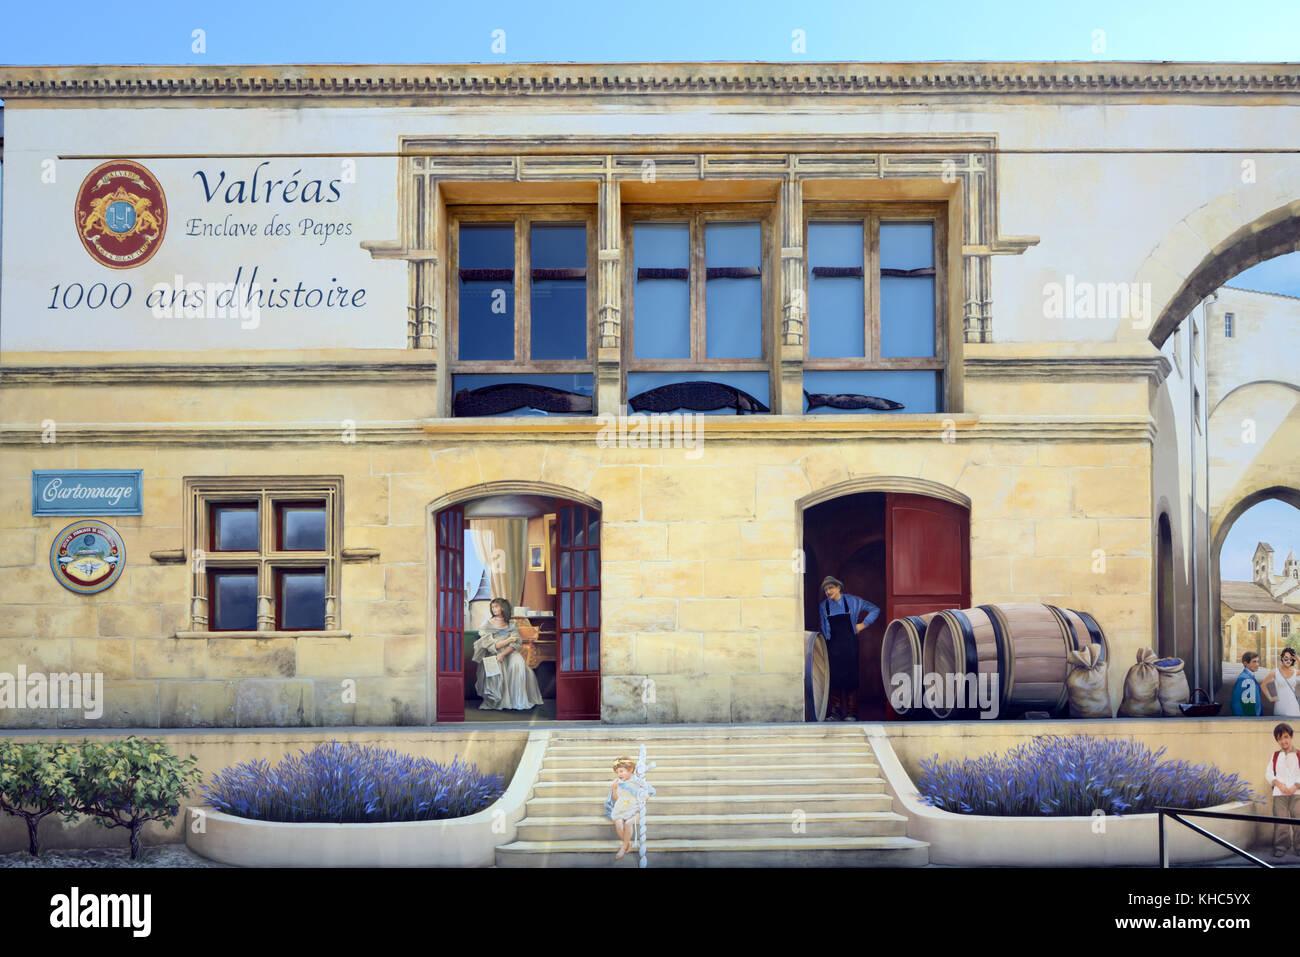 Trompe l'oeil dipinti a muro, ex stazione ferroviaria Edificio, mostrando botti da vino o cantina & fake Immagini Stock